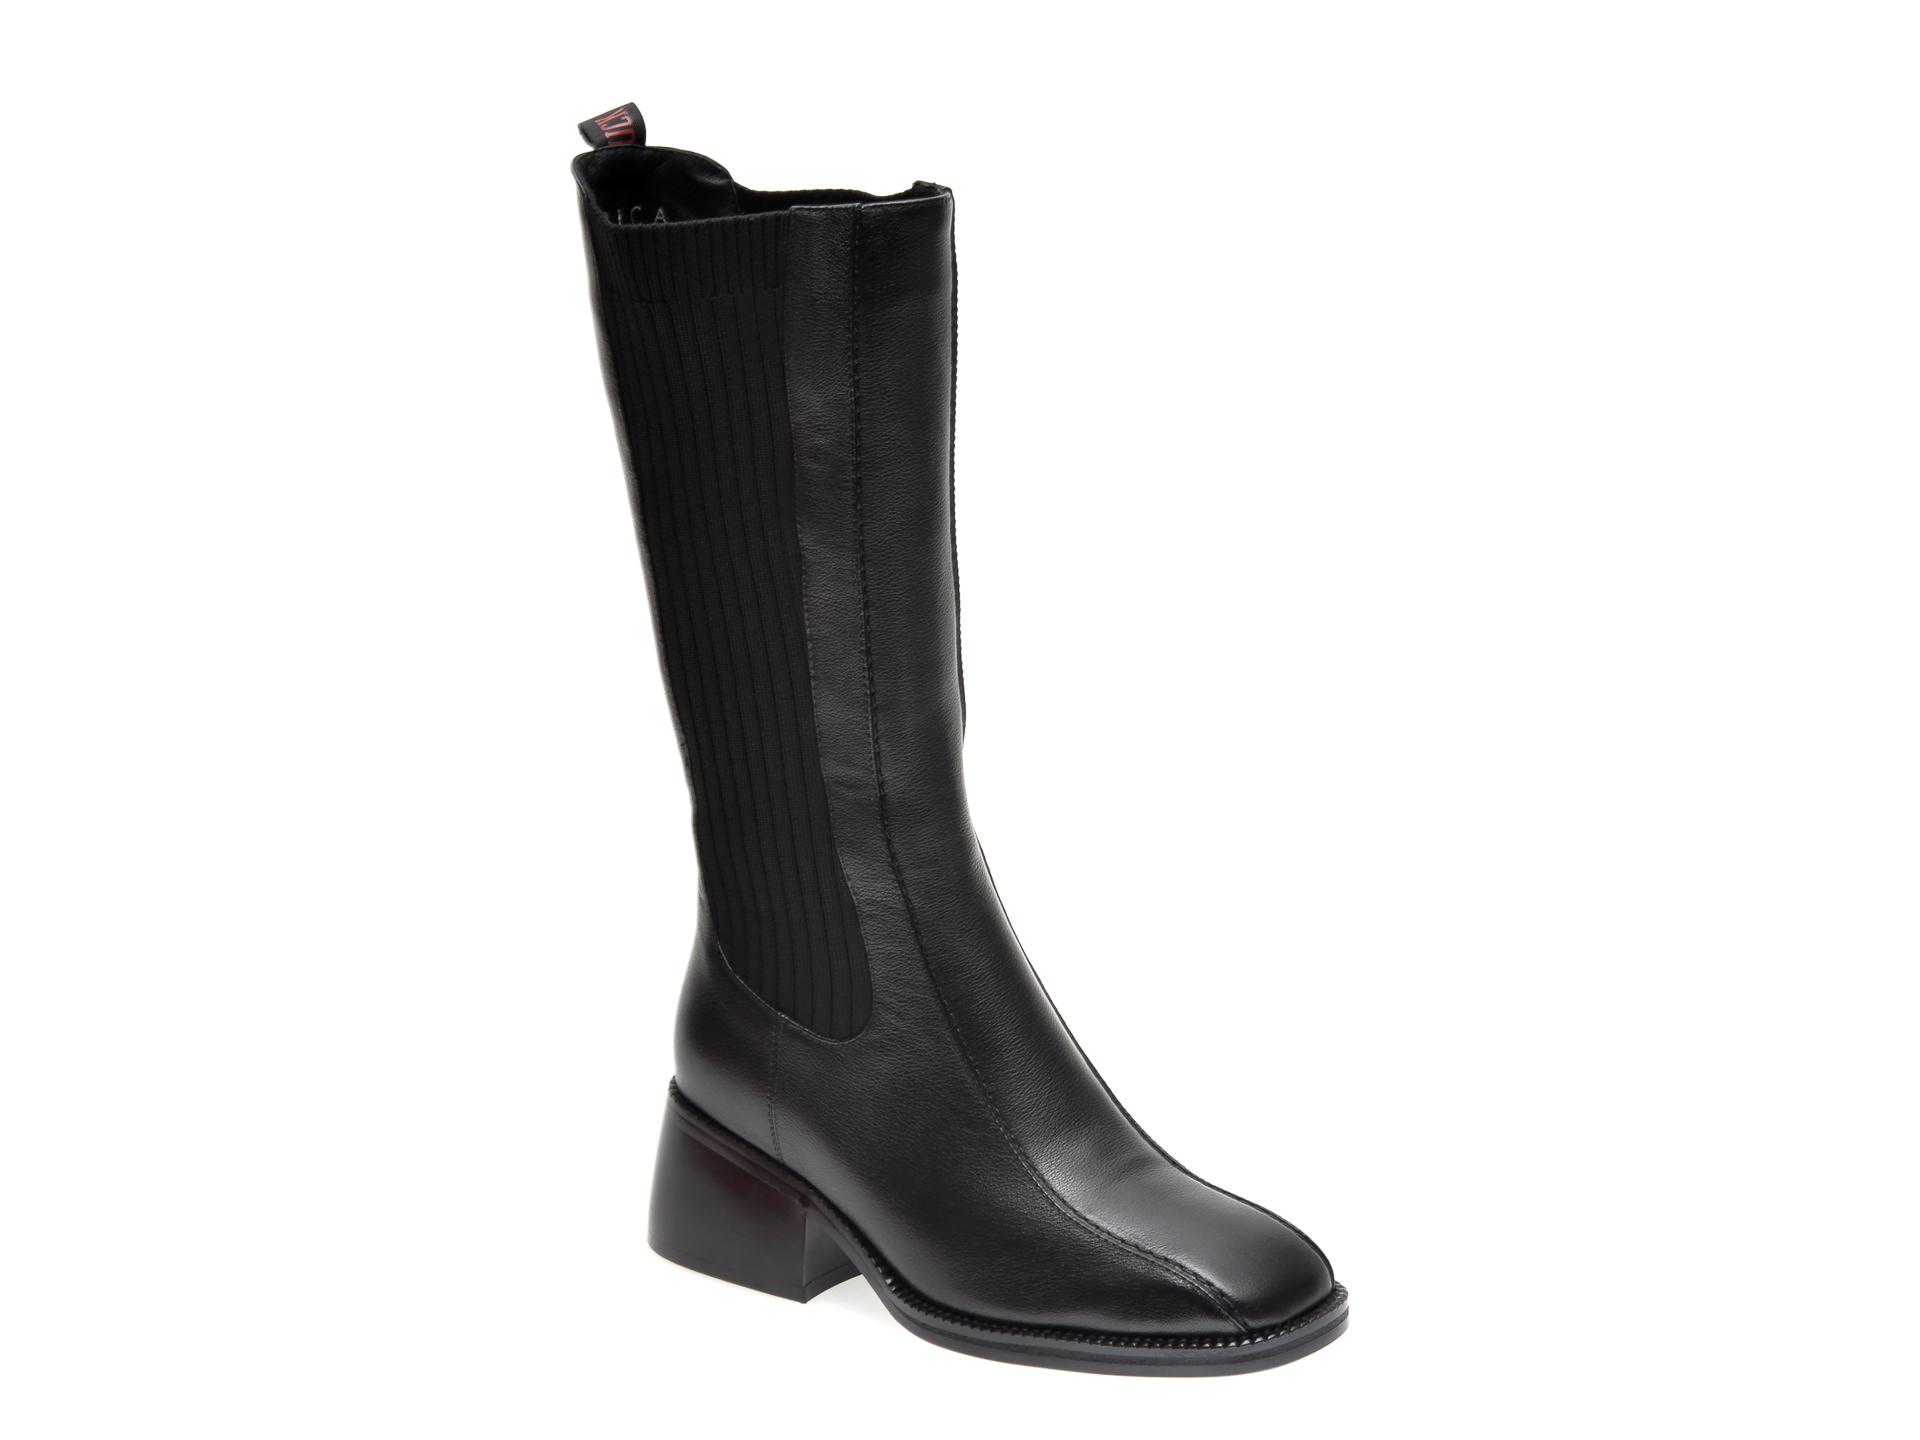 Cizme EPICA negre, W883771, din material textil si piele naturala